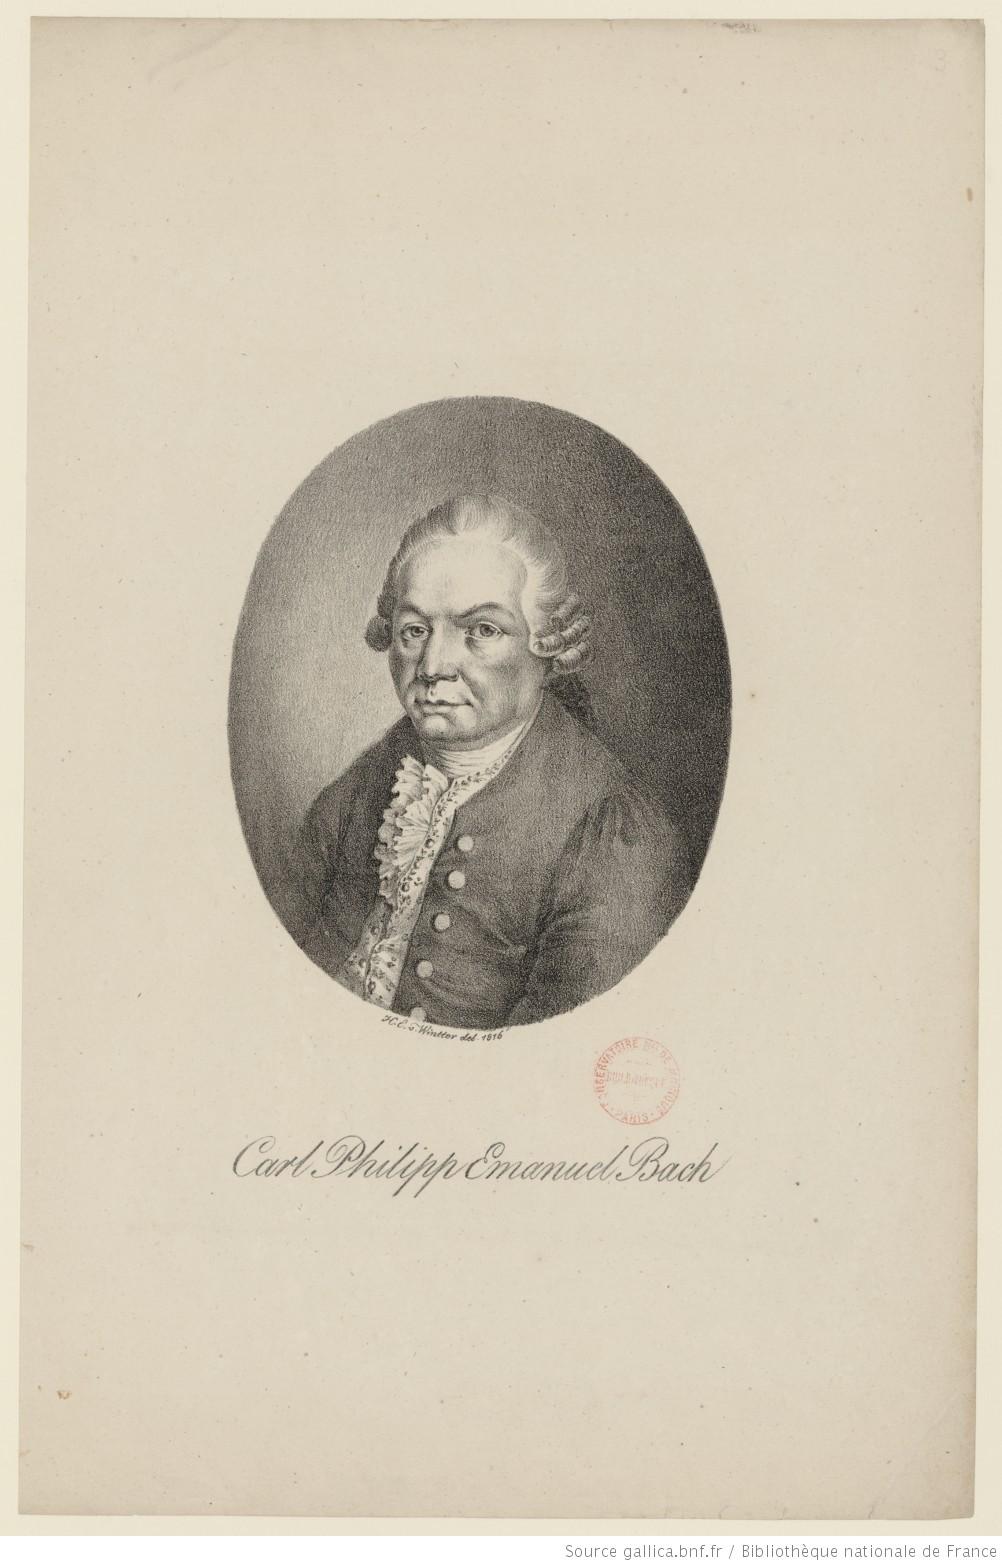 Carl Philipp Emanuel BACH d'après Heinrich. E. Wintter, cliquer pour voir l'original et ses références